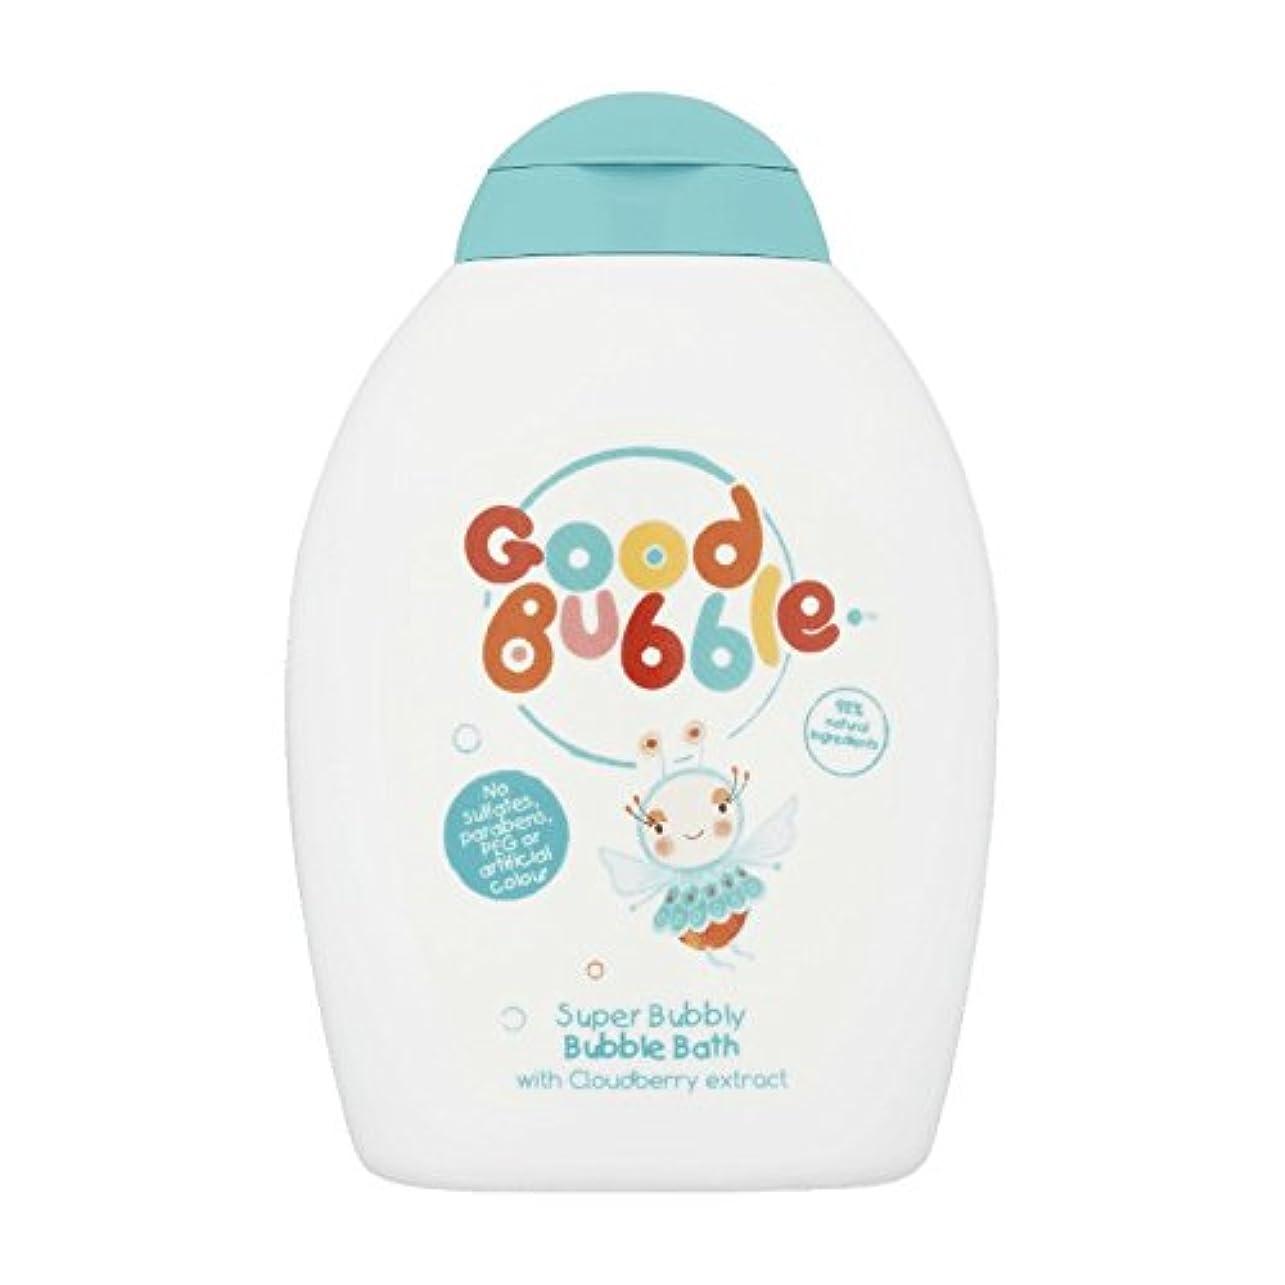 ライトニング避けるディンカルビルGood Bubble Cloudberry Bubble Bath 400ml (Pack of 2) - 良いバブルクラウドベリーバブルバス400ミリリットル (x2) [並行輸入品]